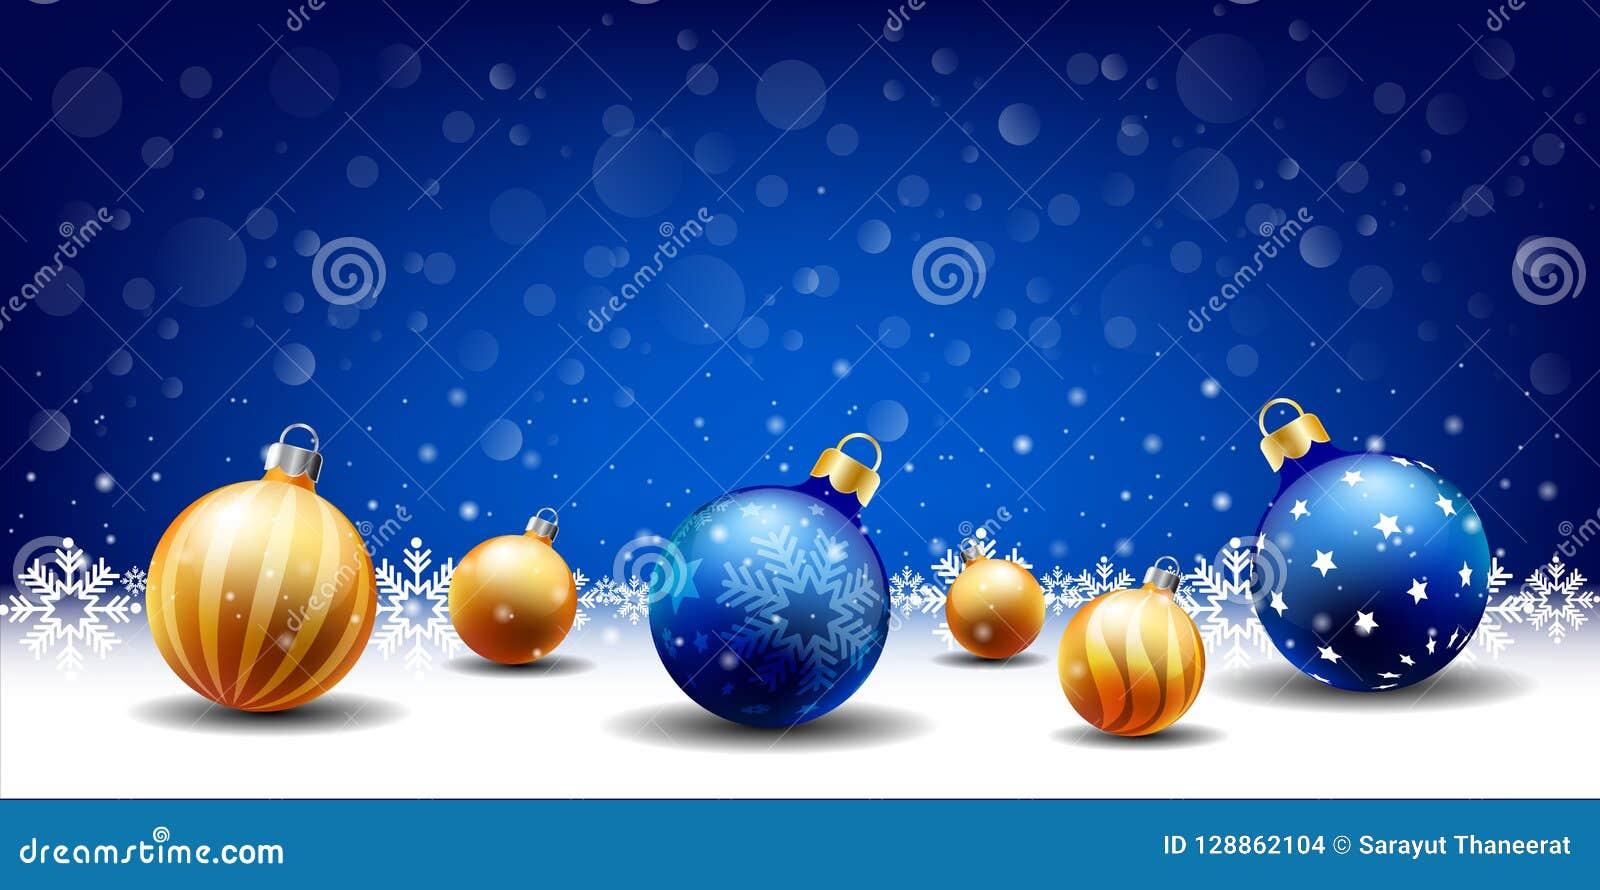 Guten Rutsch ins Neue Jahr-Weihnachtsschneiender Ballhintergrund, Texteingabekasten, blauer Hintergrund